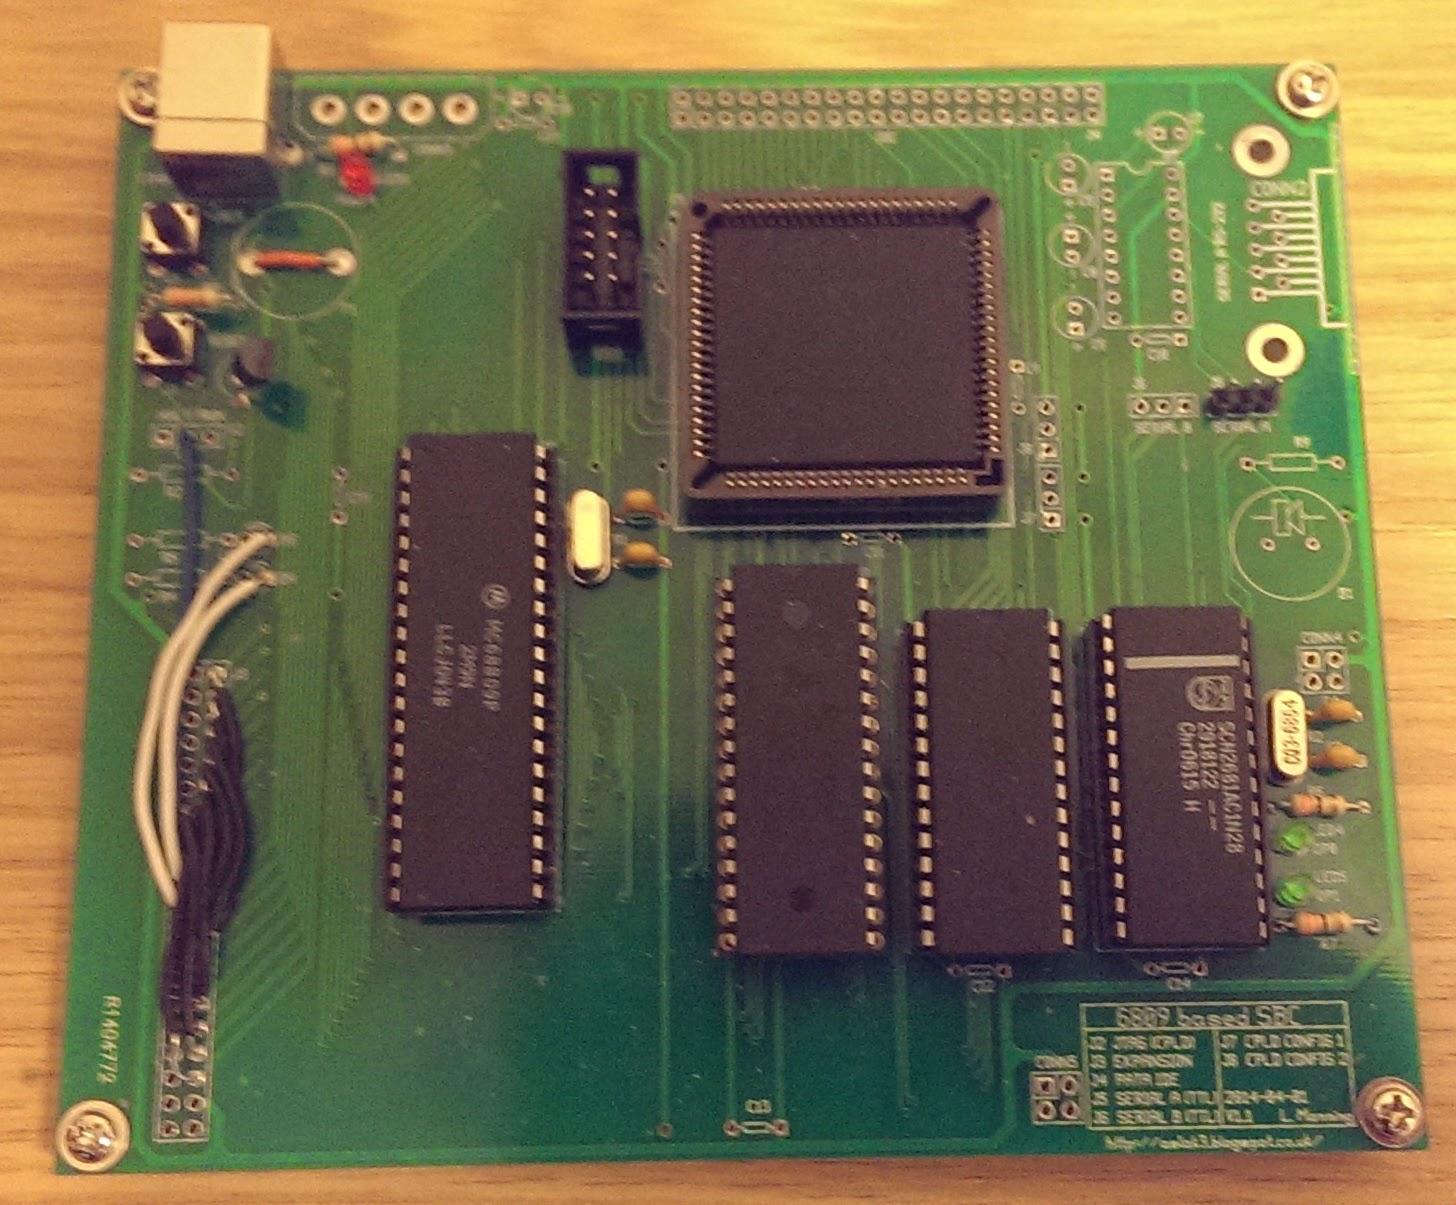 FPGA preliminaries – Aslak's blog